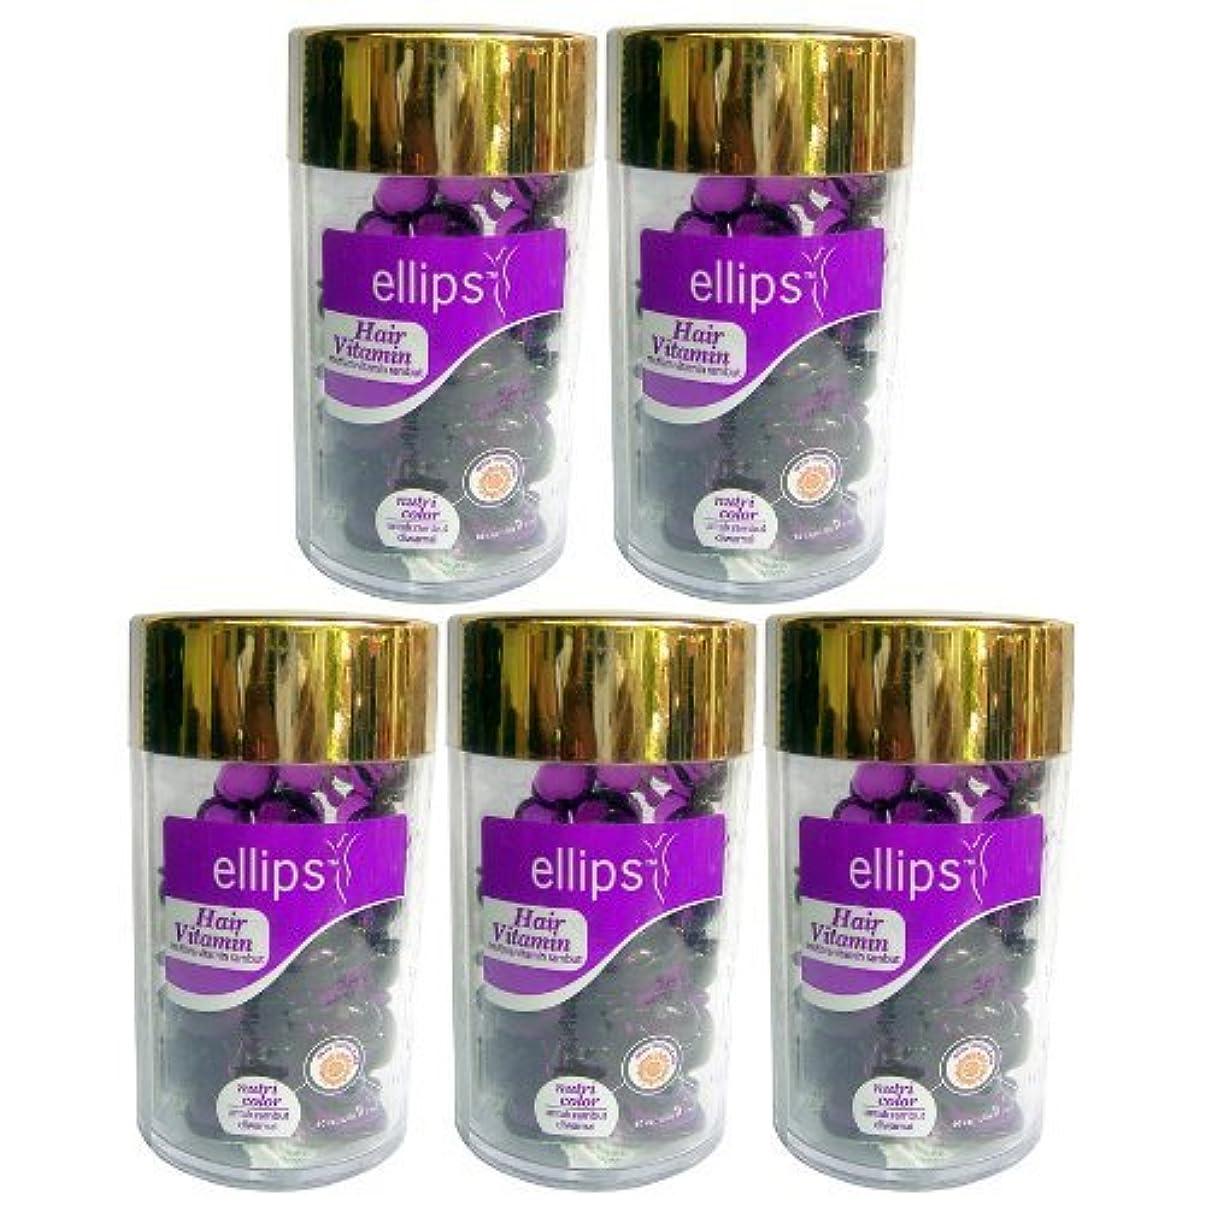 報復パッドレギュラーエリップスellipsヘアビタミン洗い流さないヘアトリートメント50粒入ボトル5本組(海外直送品)(並行輸入品) (紫5本)